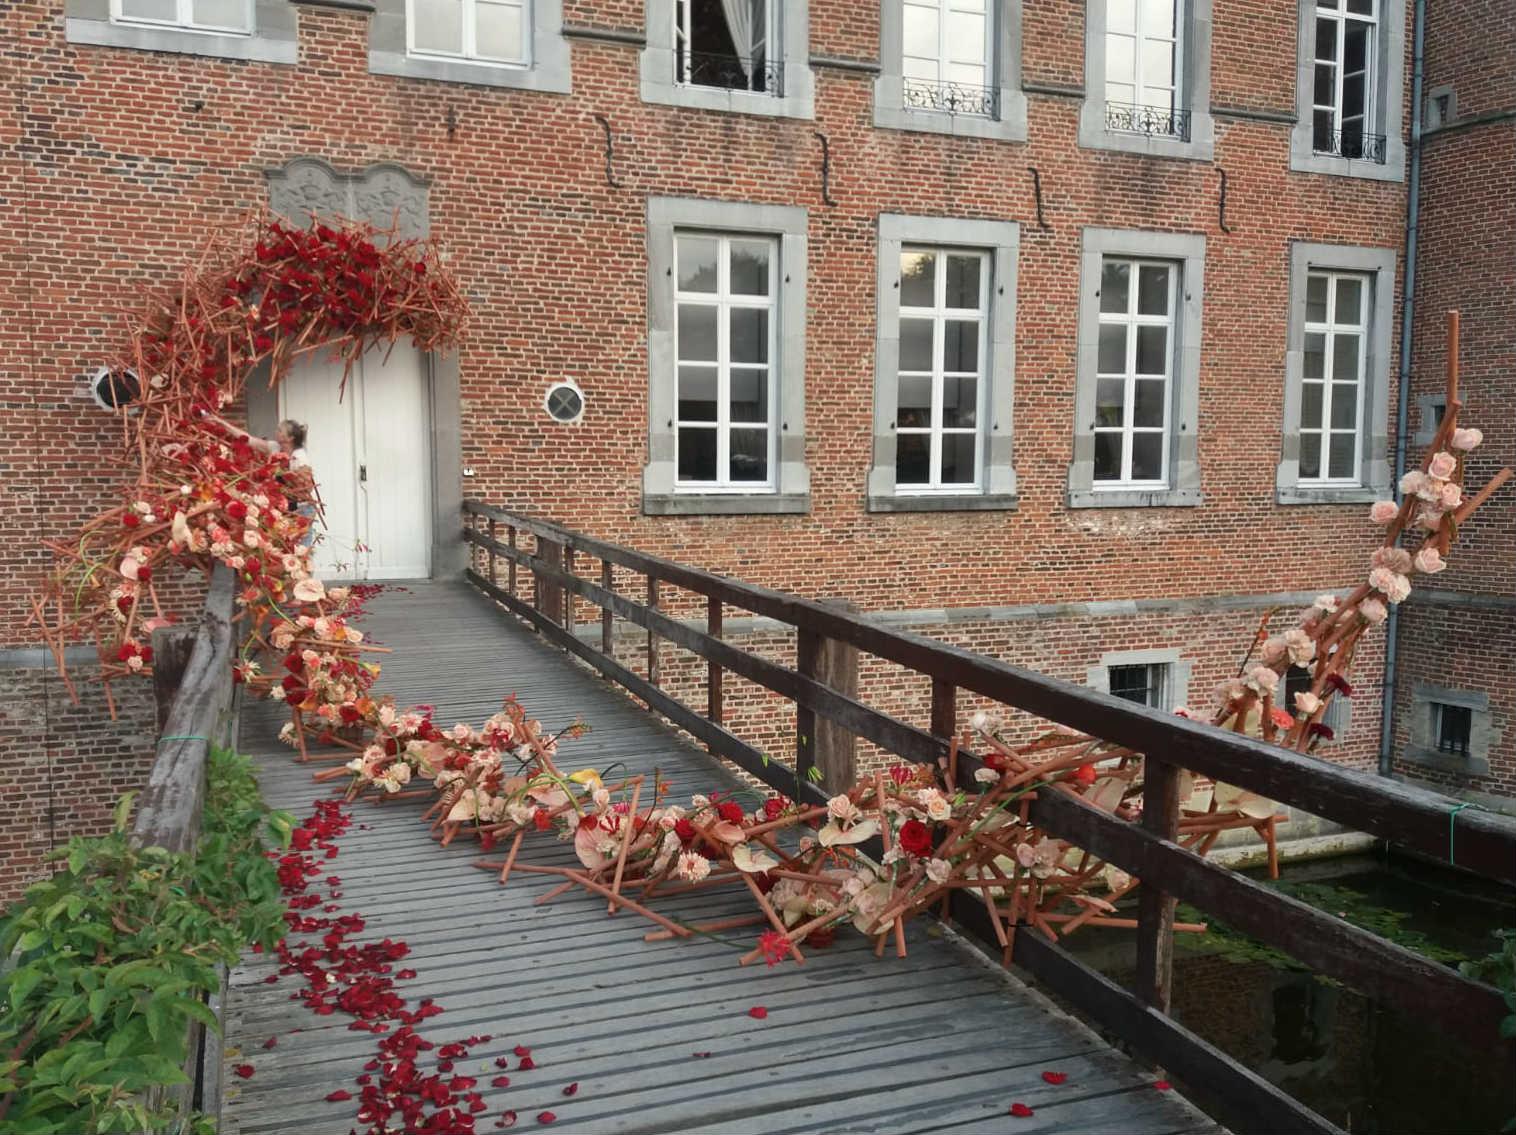 lana bates fleuramour porta nova red naomi final structure